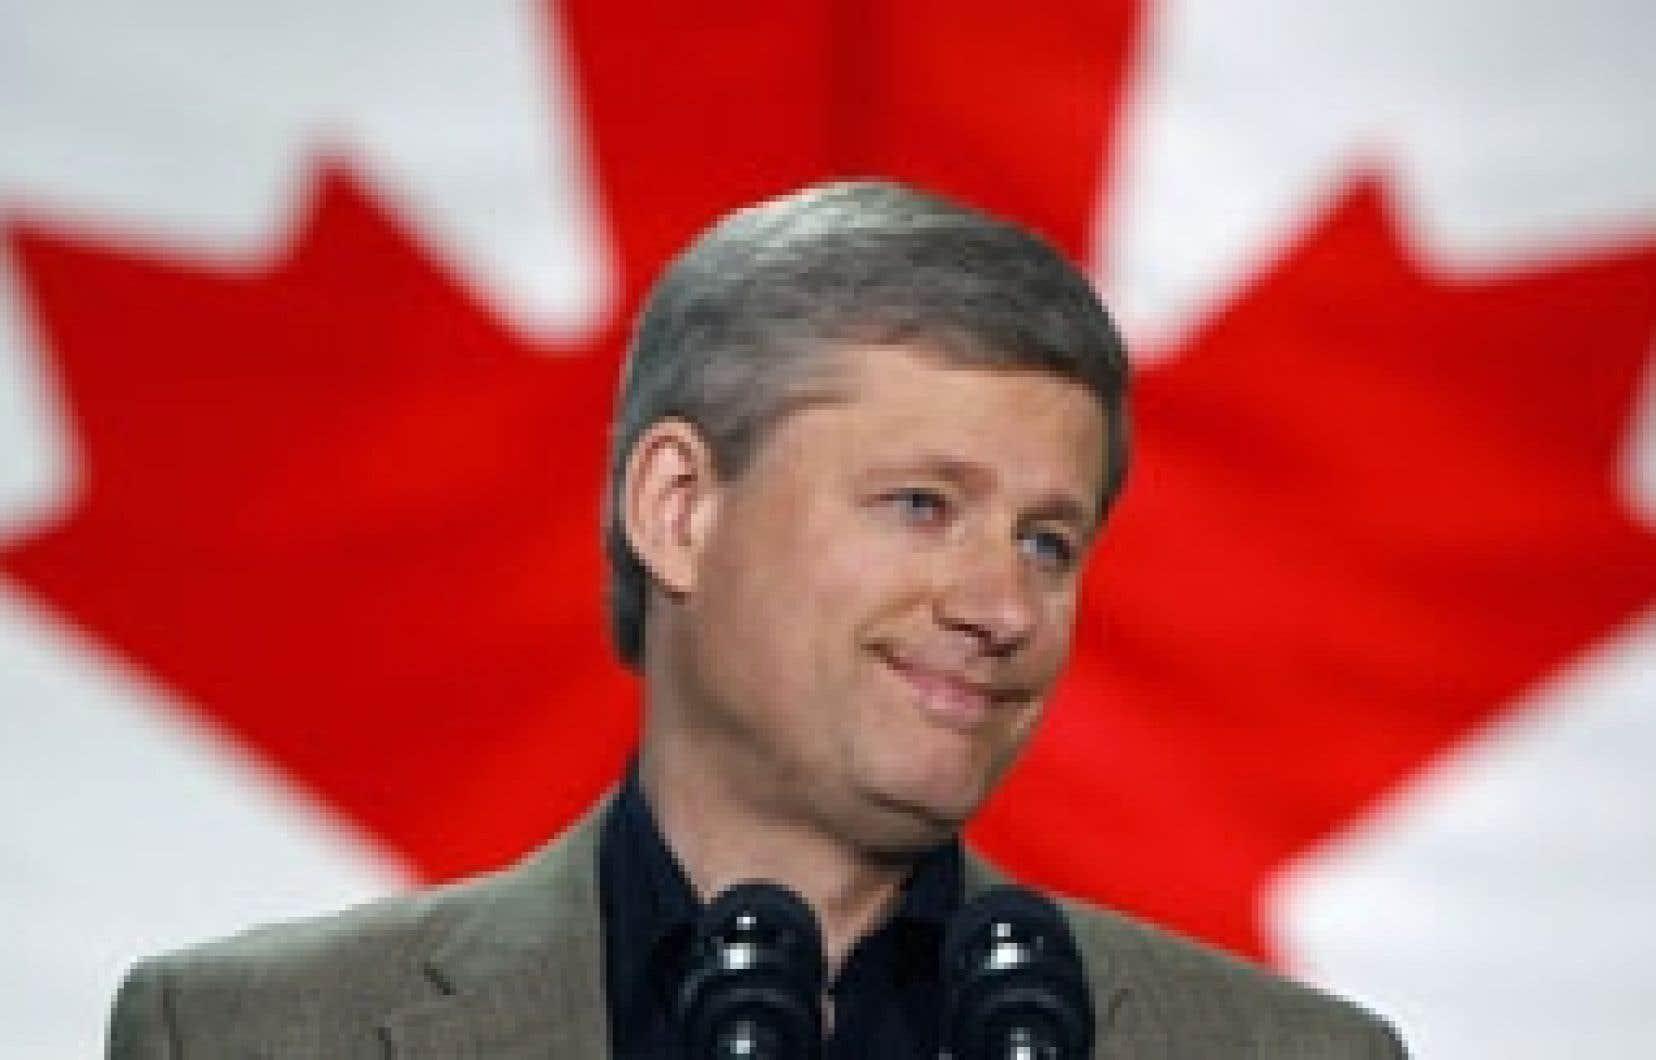 Stephen Harper répondant aux questions des journalistes, hier, à Winnipeg. L'engagement du premier ministre de réduire la taxe d'accise fédérale sur le diesel a été très mal reçu par les écologistes.